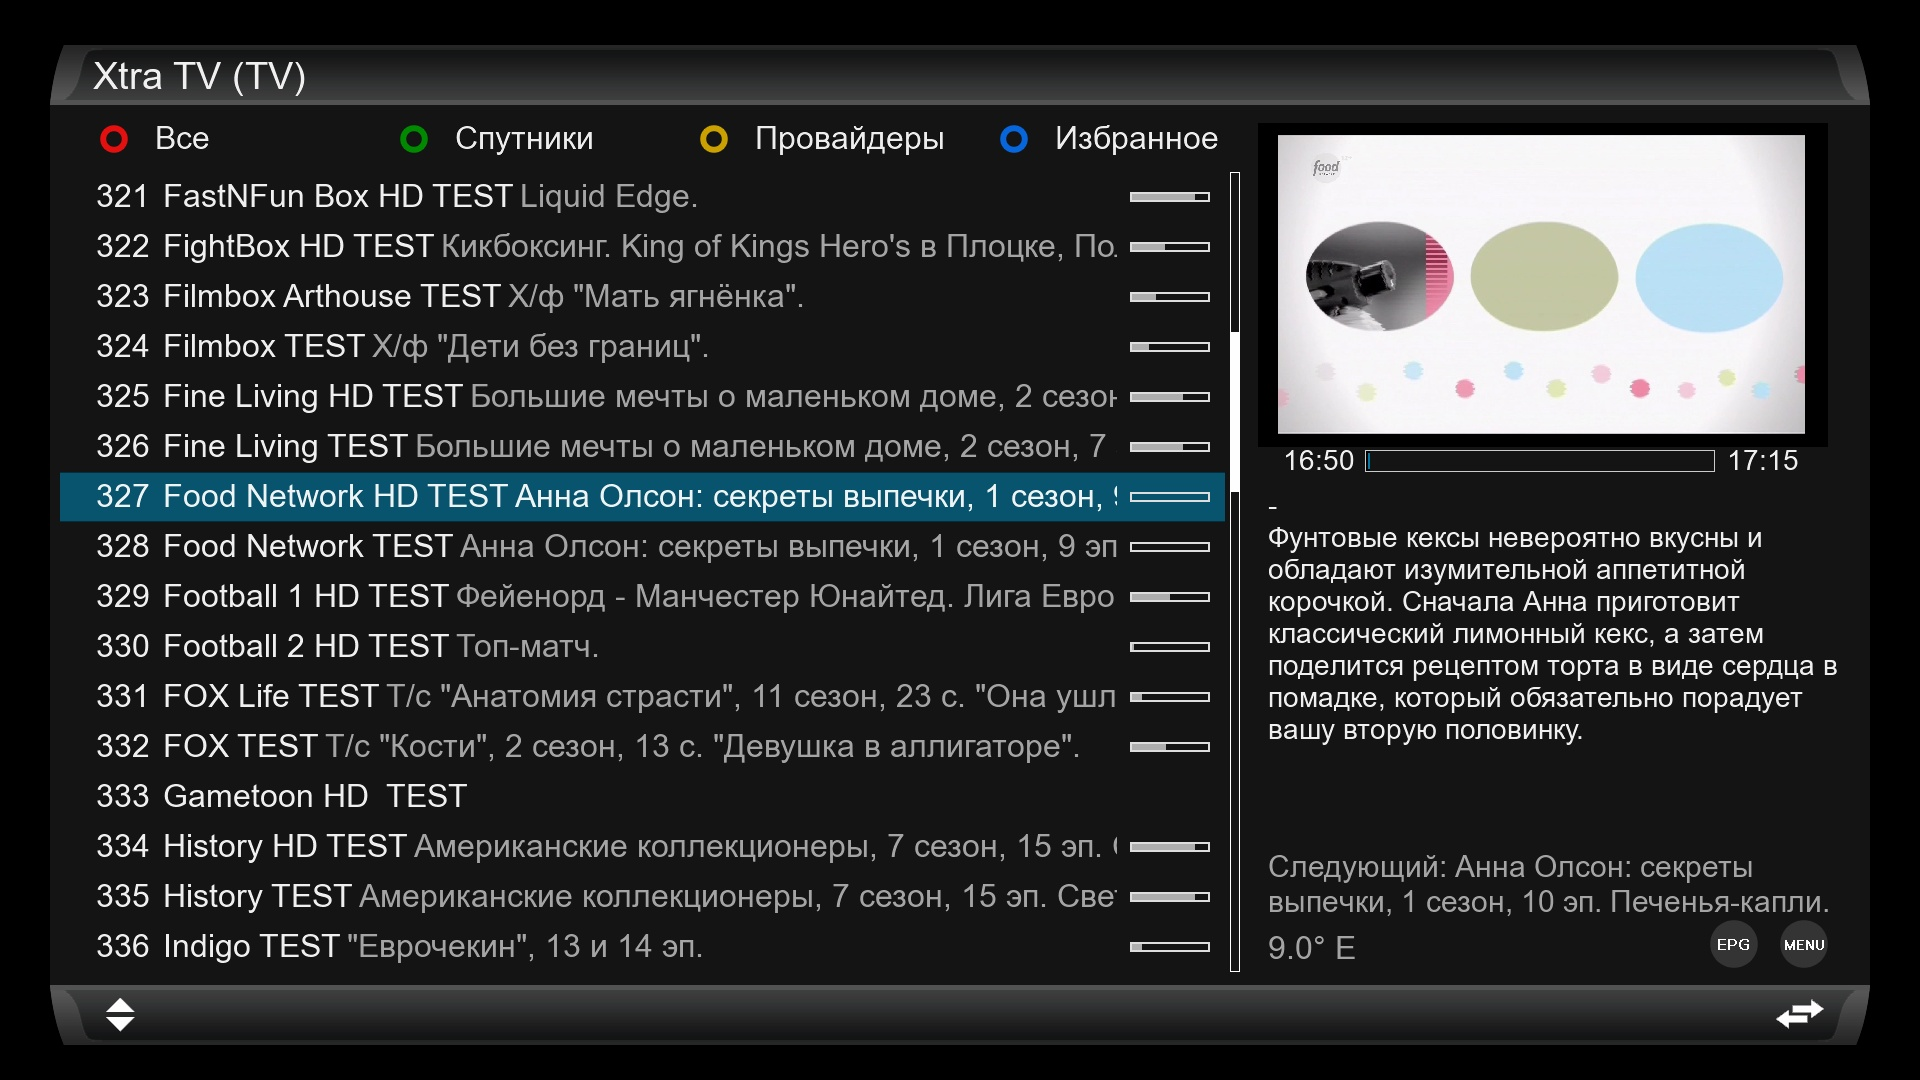 m3u плейлист для iptv 2017 1000 каналов скачать бесплатно